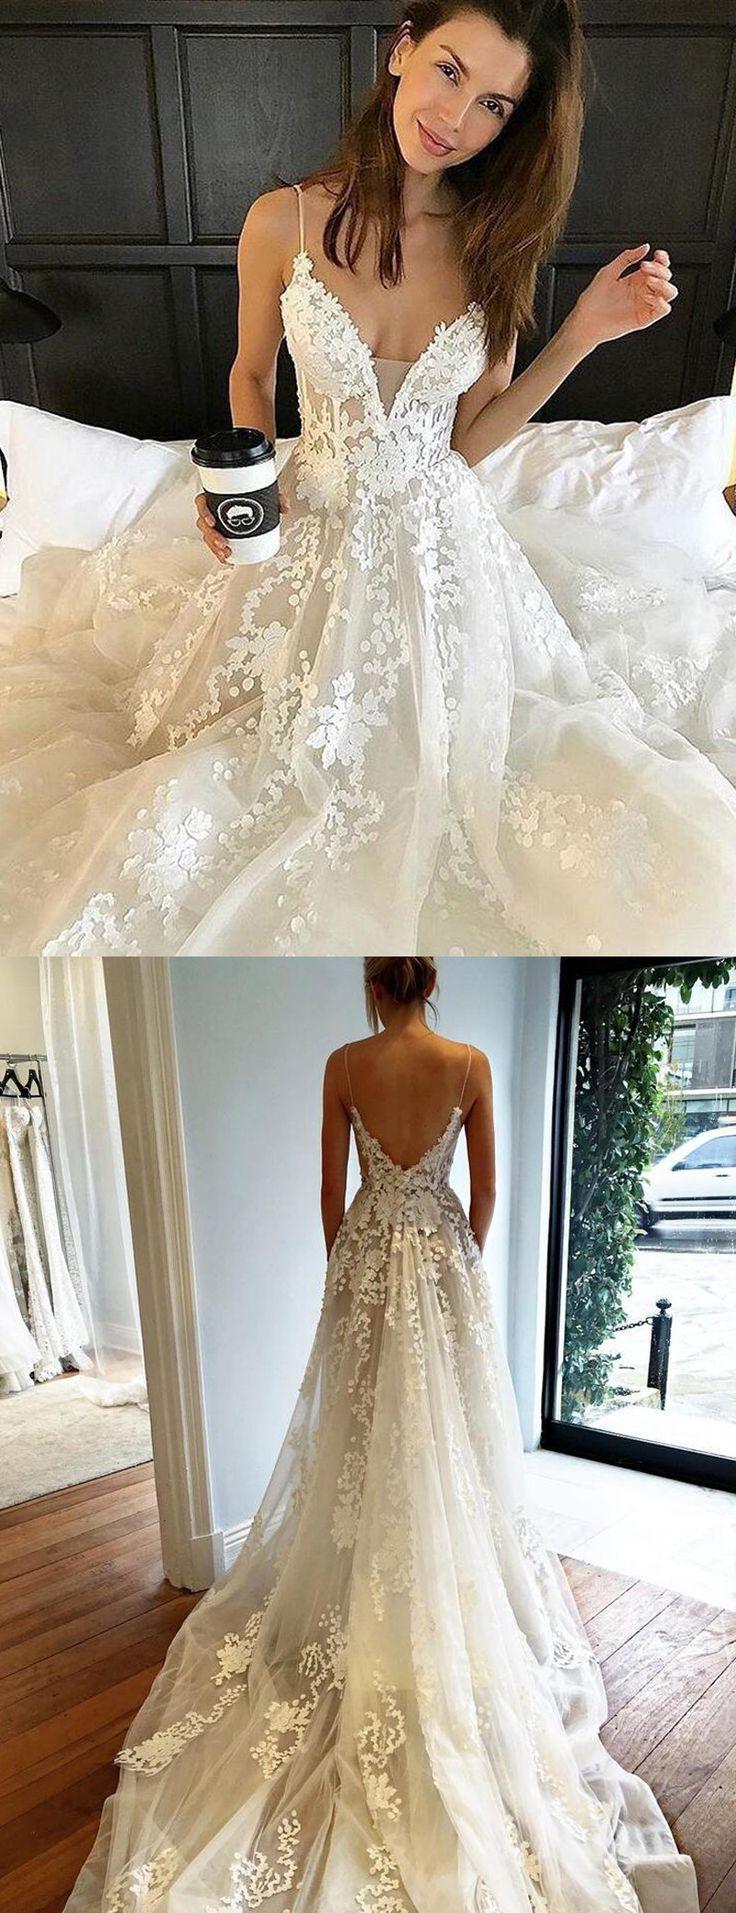 Ziemlich Forrest Gump Brautkleid Bilder - Brautkleider Ideen ...